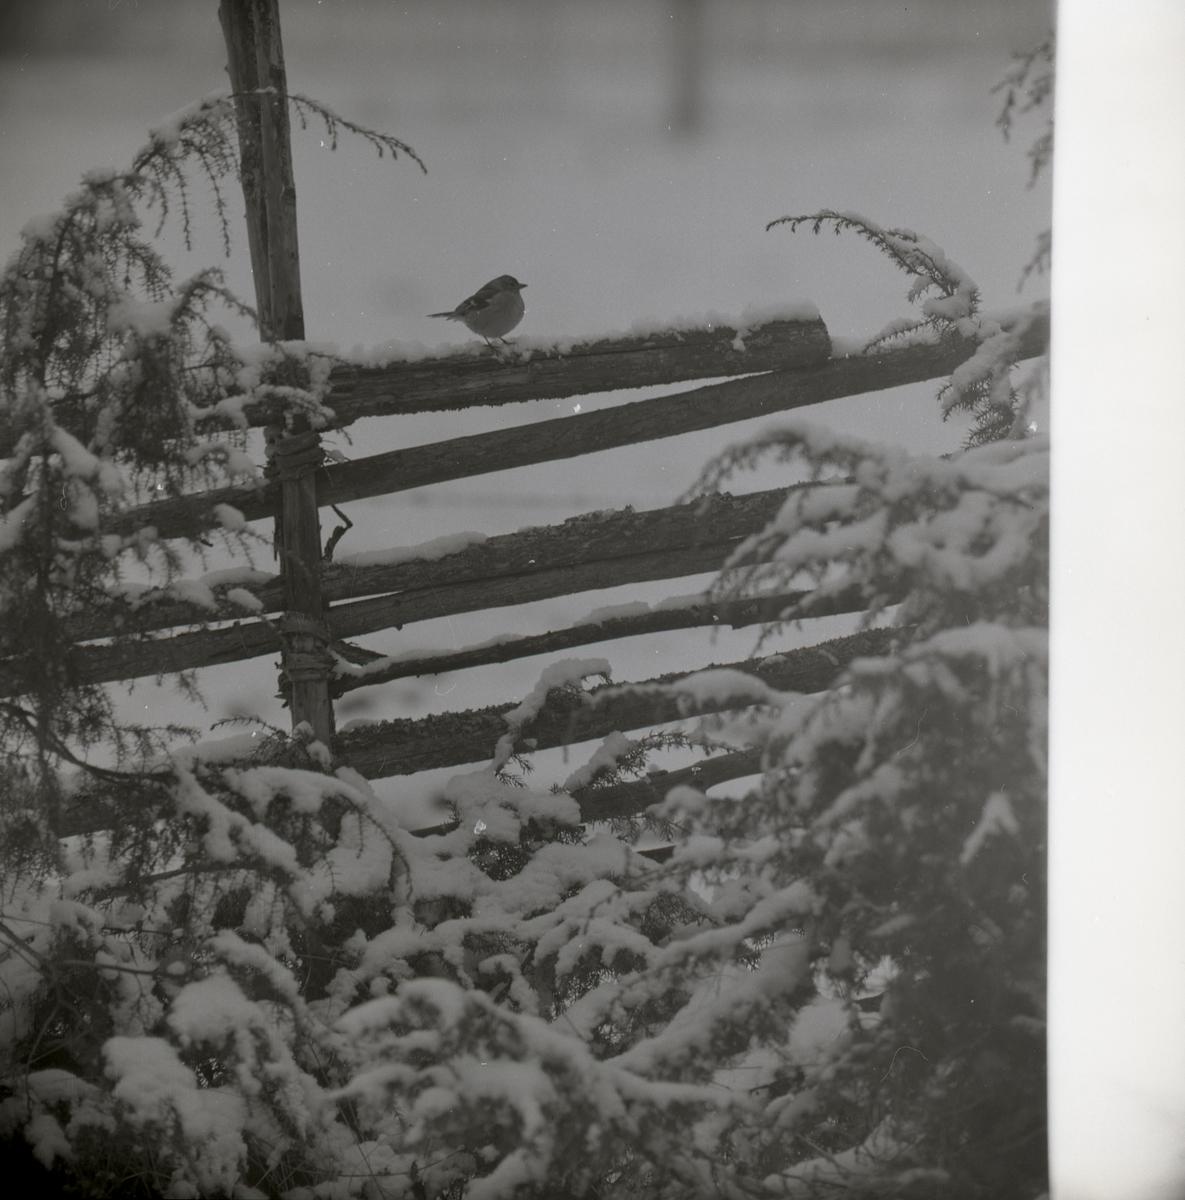 En bofink står på en snötäckt gärdesgård vid enbuske, våren 1969.